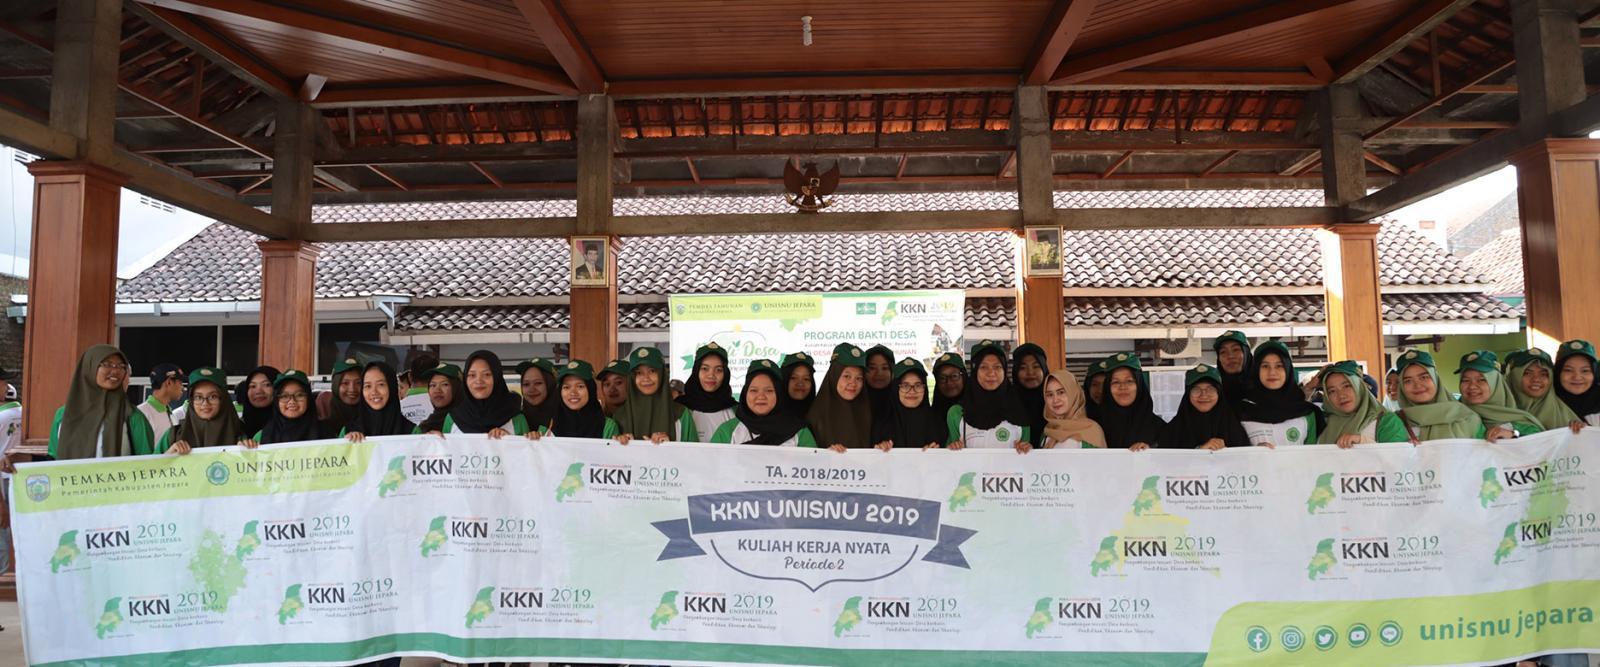 Bakti Desa KKN UNISNU Jepara Th. 2019 Periode 2